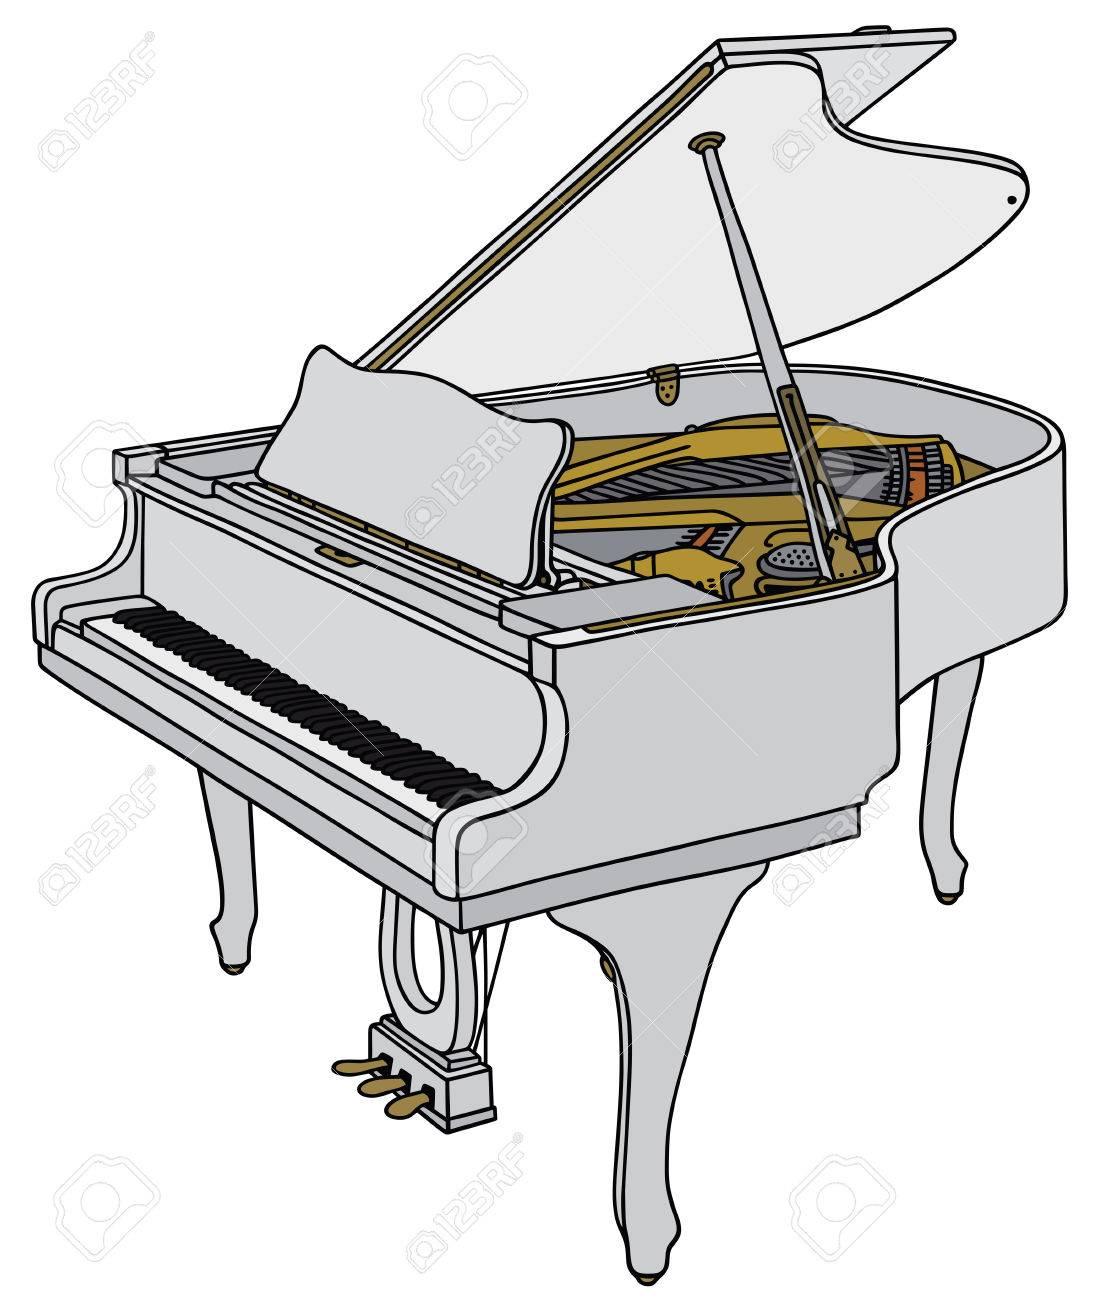 Dessin De Piano dessin à la main d'un piano à queue blanche ouverte clip art libres